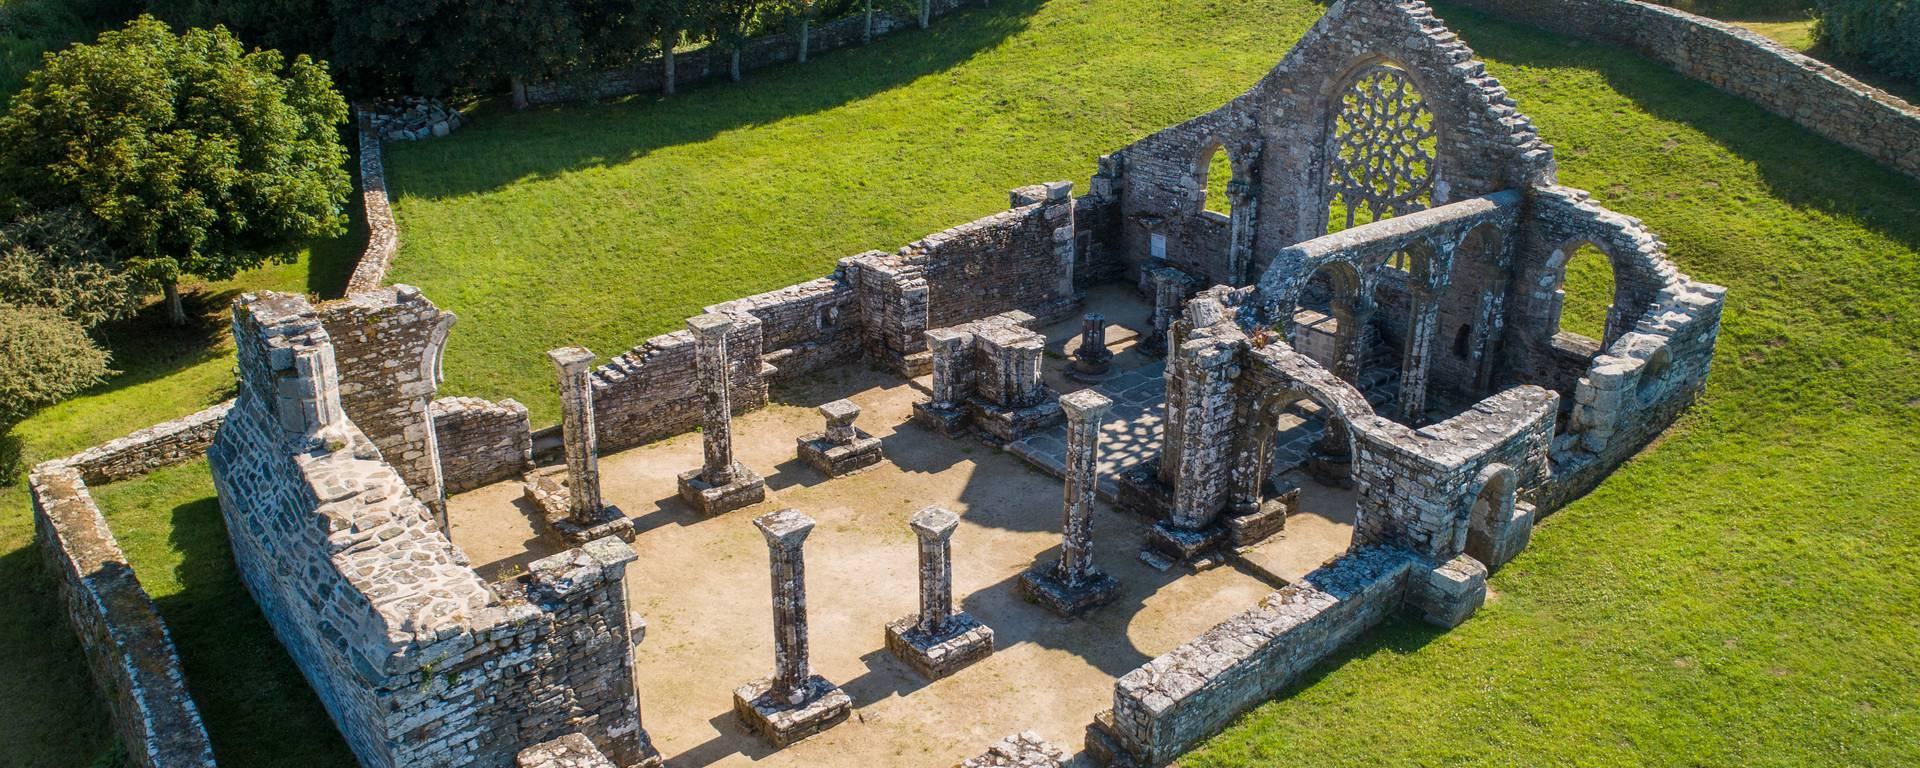 Les ruines de Languidou ©Gwenn Ha Drone